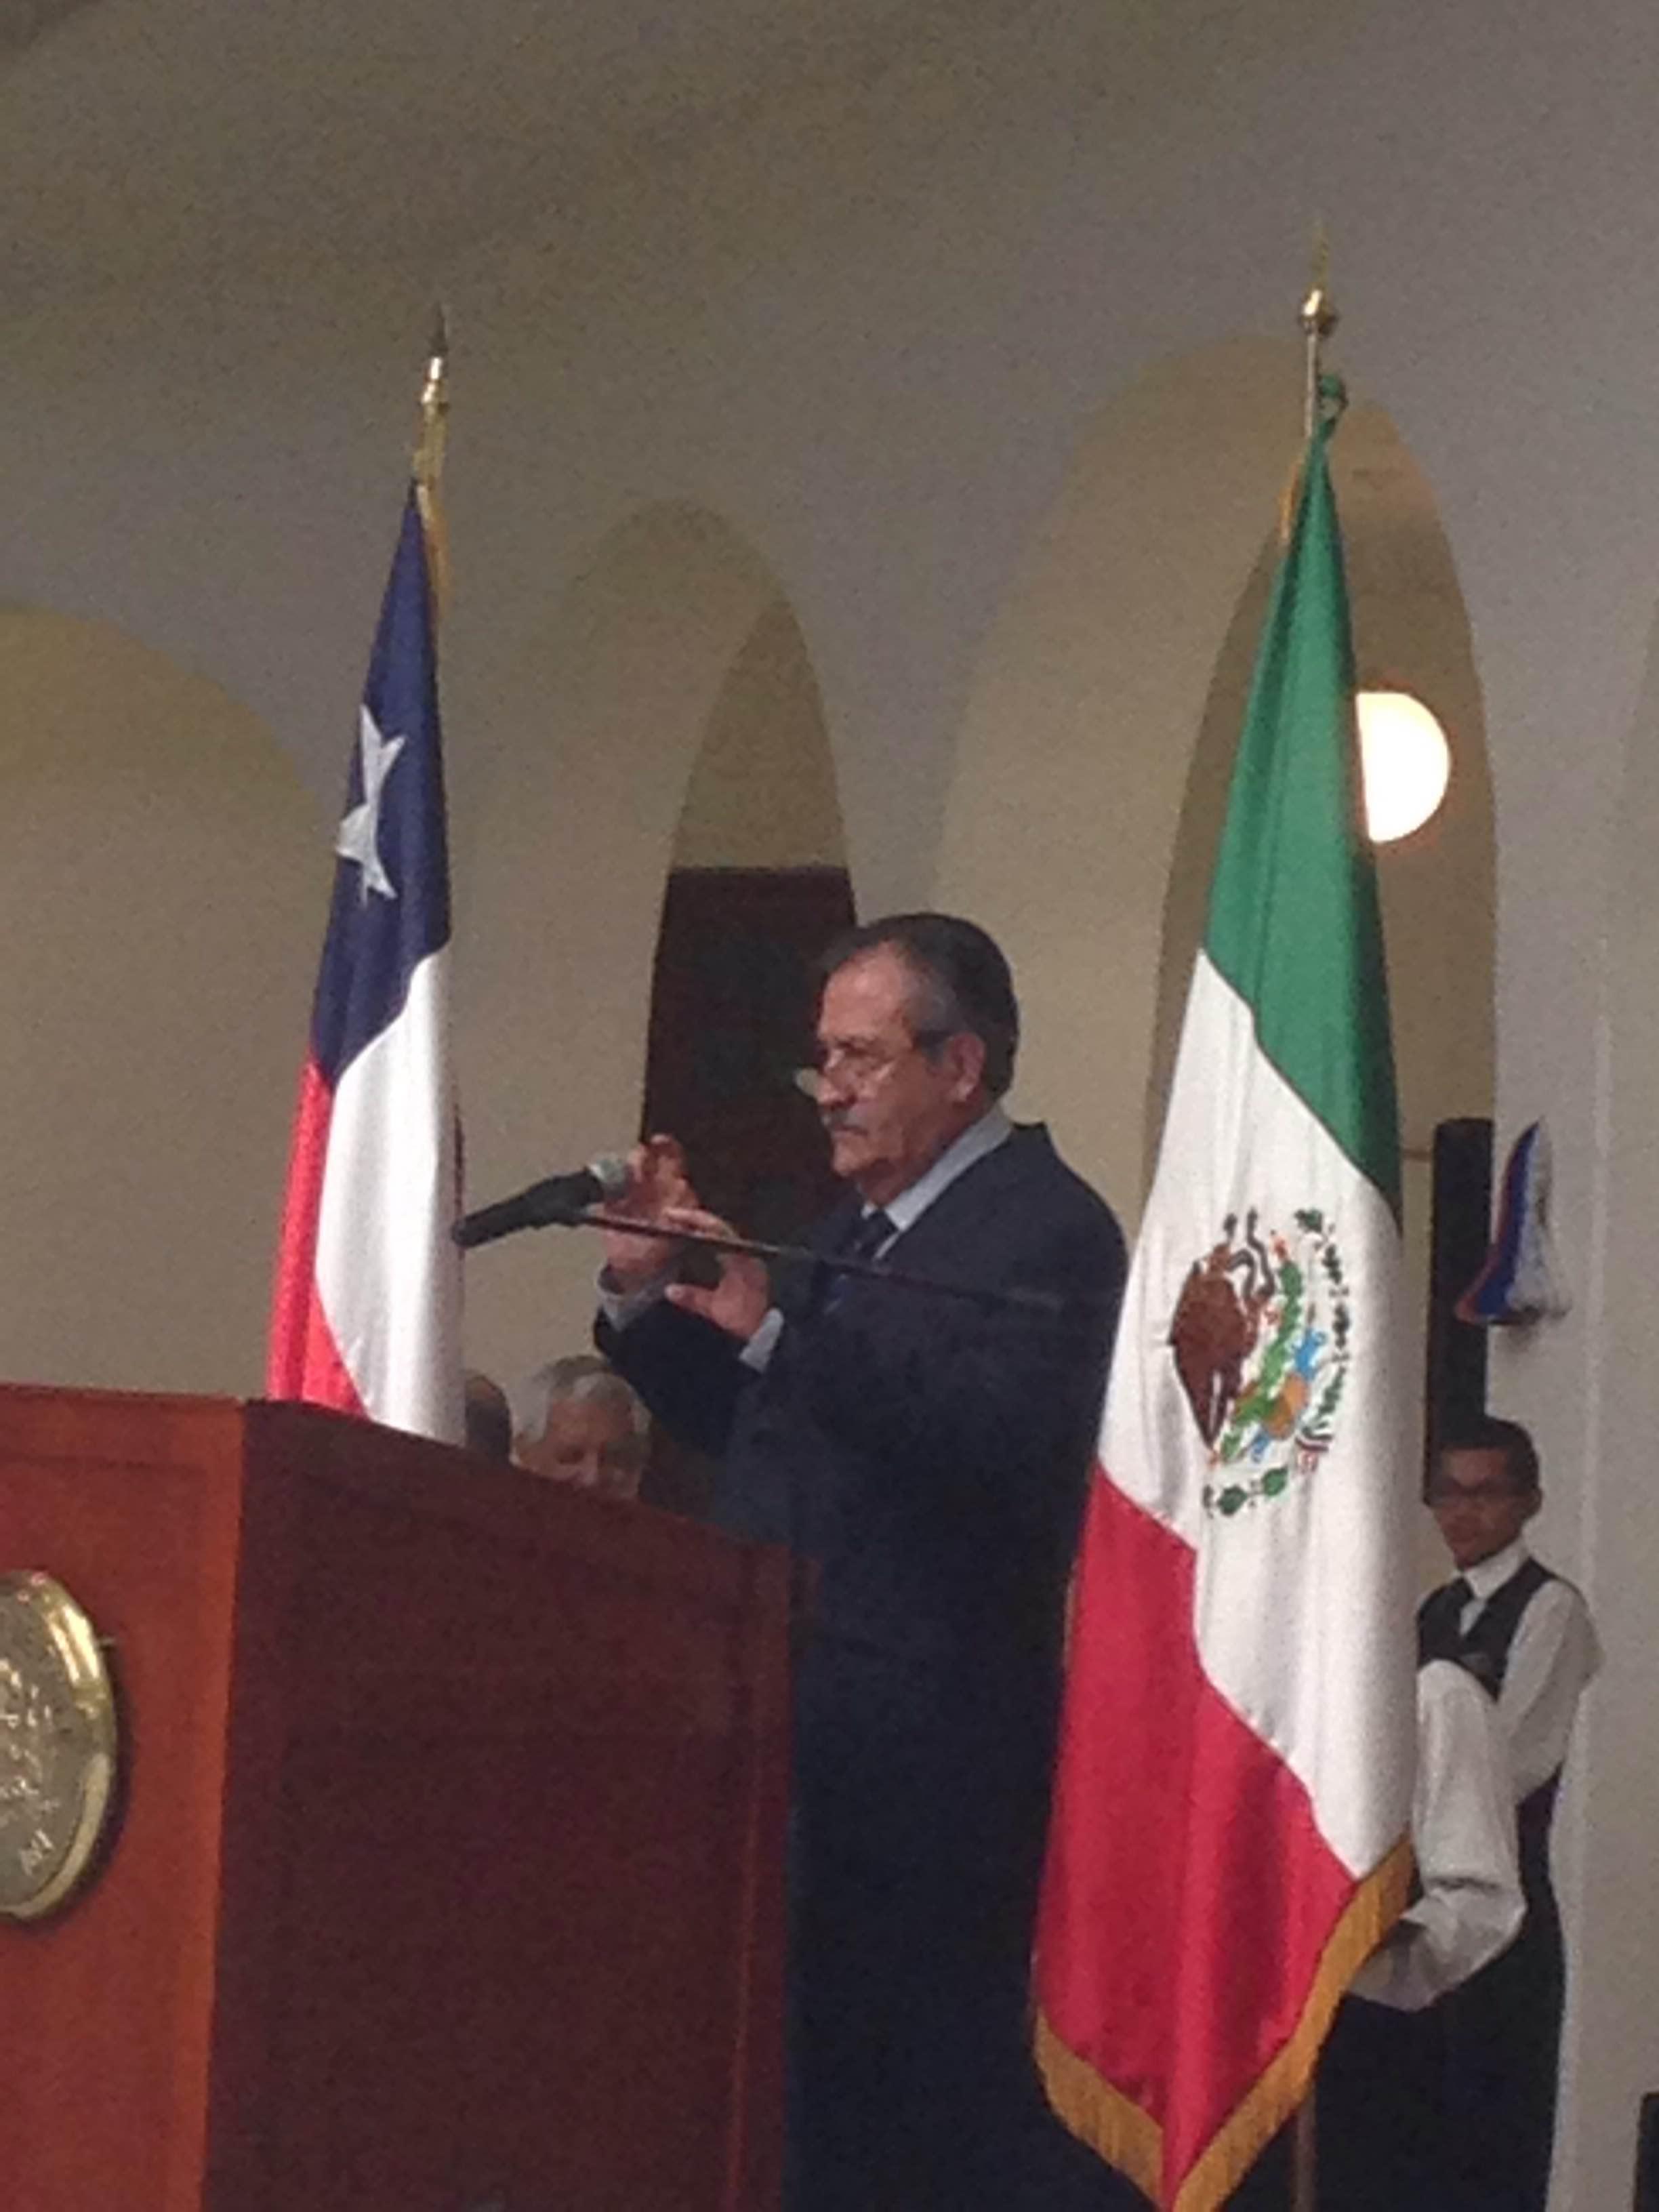 Palabras del Excmo Sr Ricardo Núñez Muñoz, embajador de Chile en México